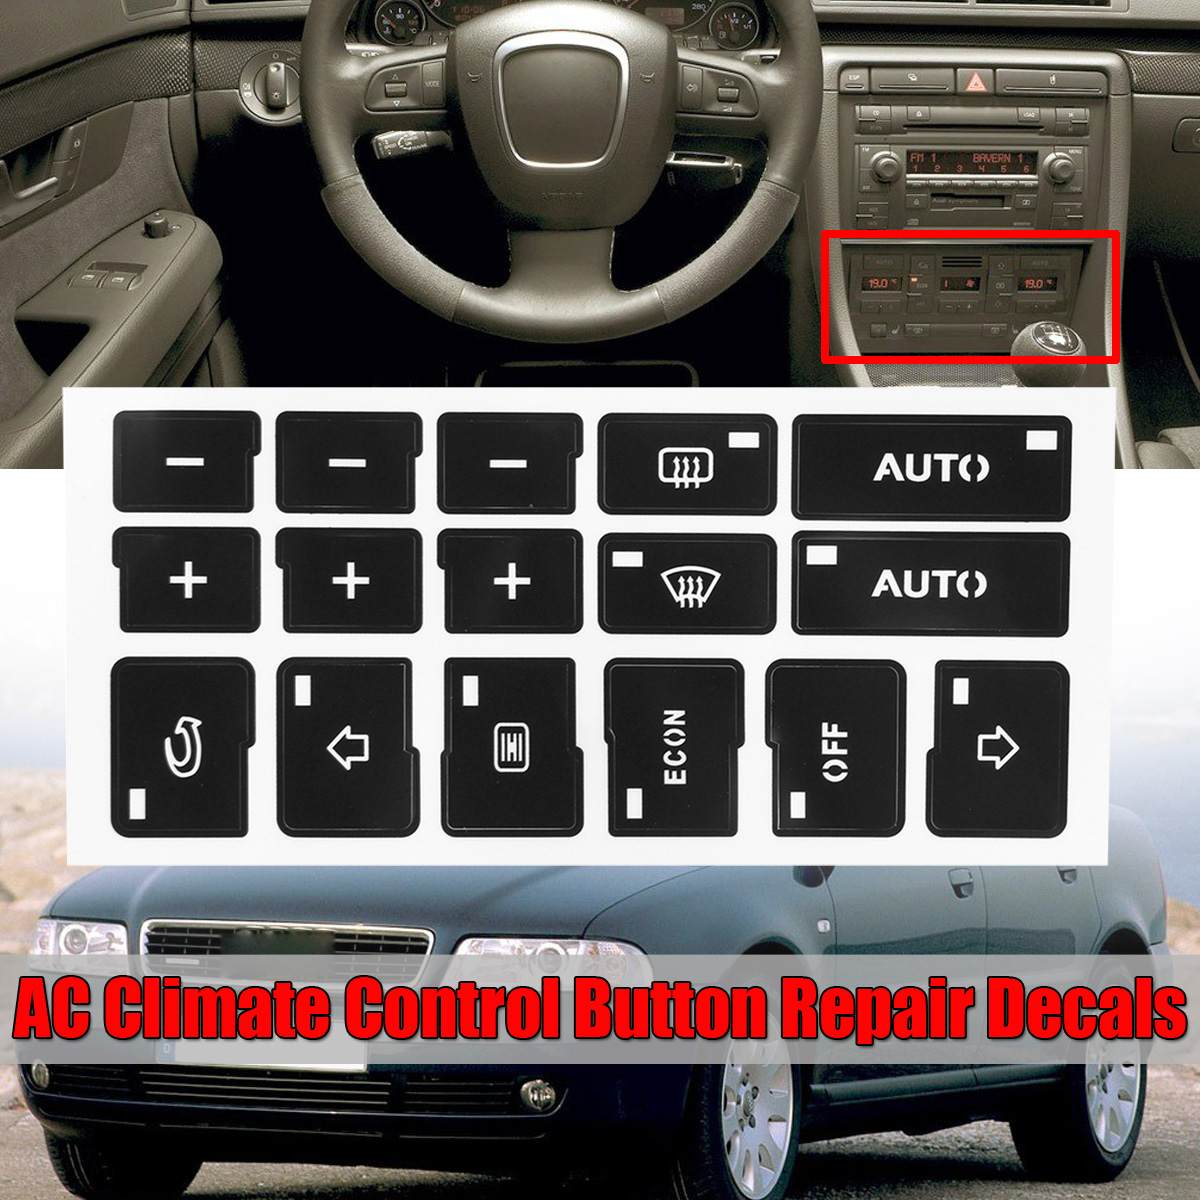 1x voiture climatisation AC climatisation bouton réparation autocollants autocollants pour Audi A4 B6 B7 2000 2001 2002 2003 2004